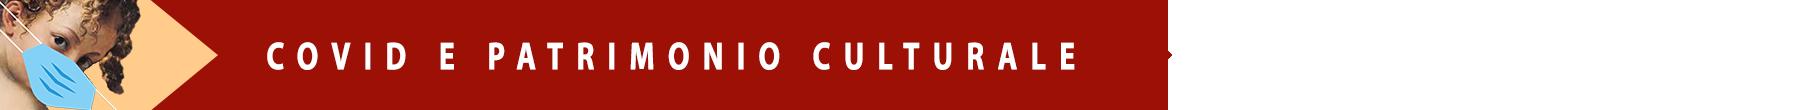 Covid e patrimonio culturale